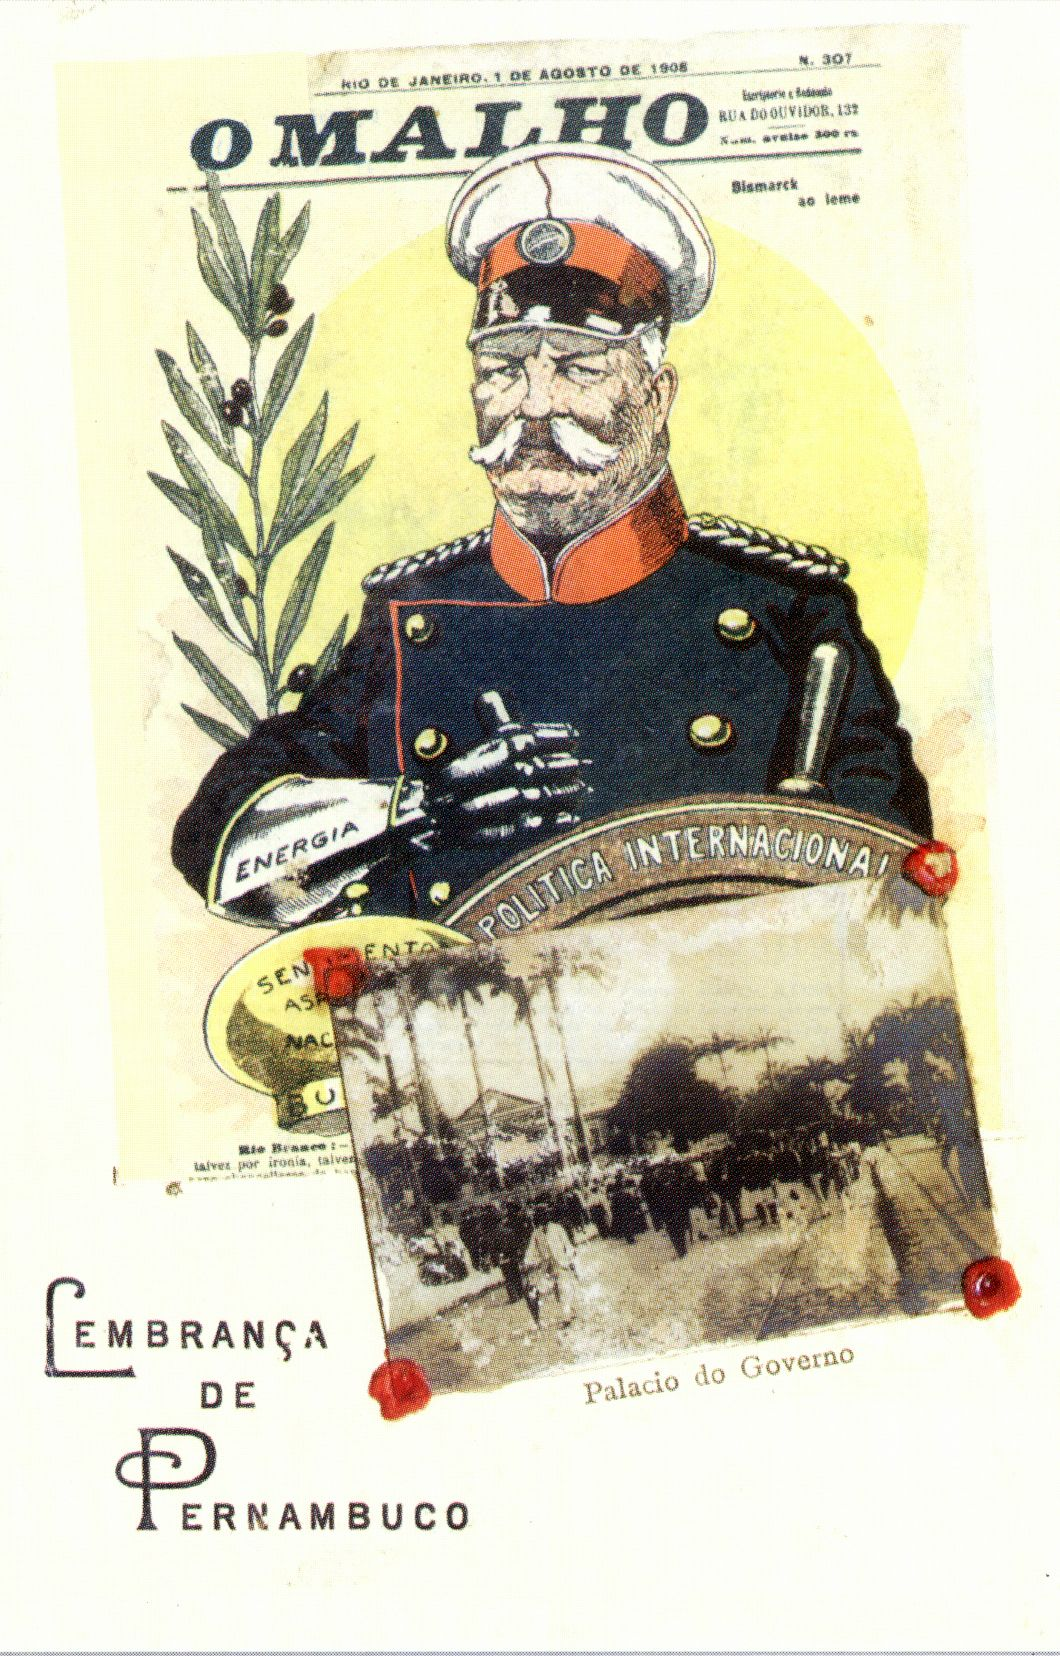 Cartão da revista O Malho com o Barão do Rio Branco, Lembranças de Pernambuco, 1906